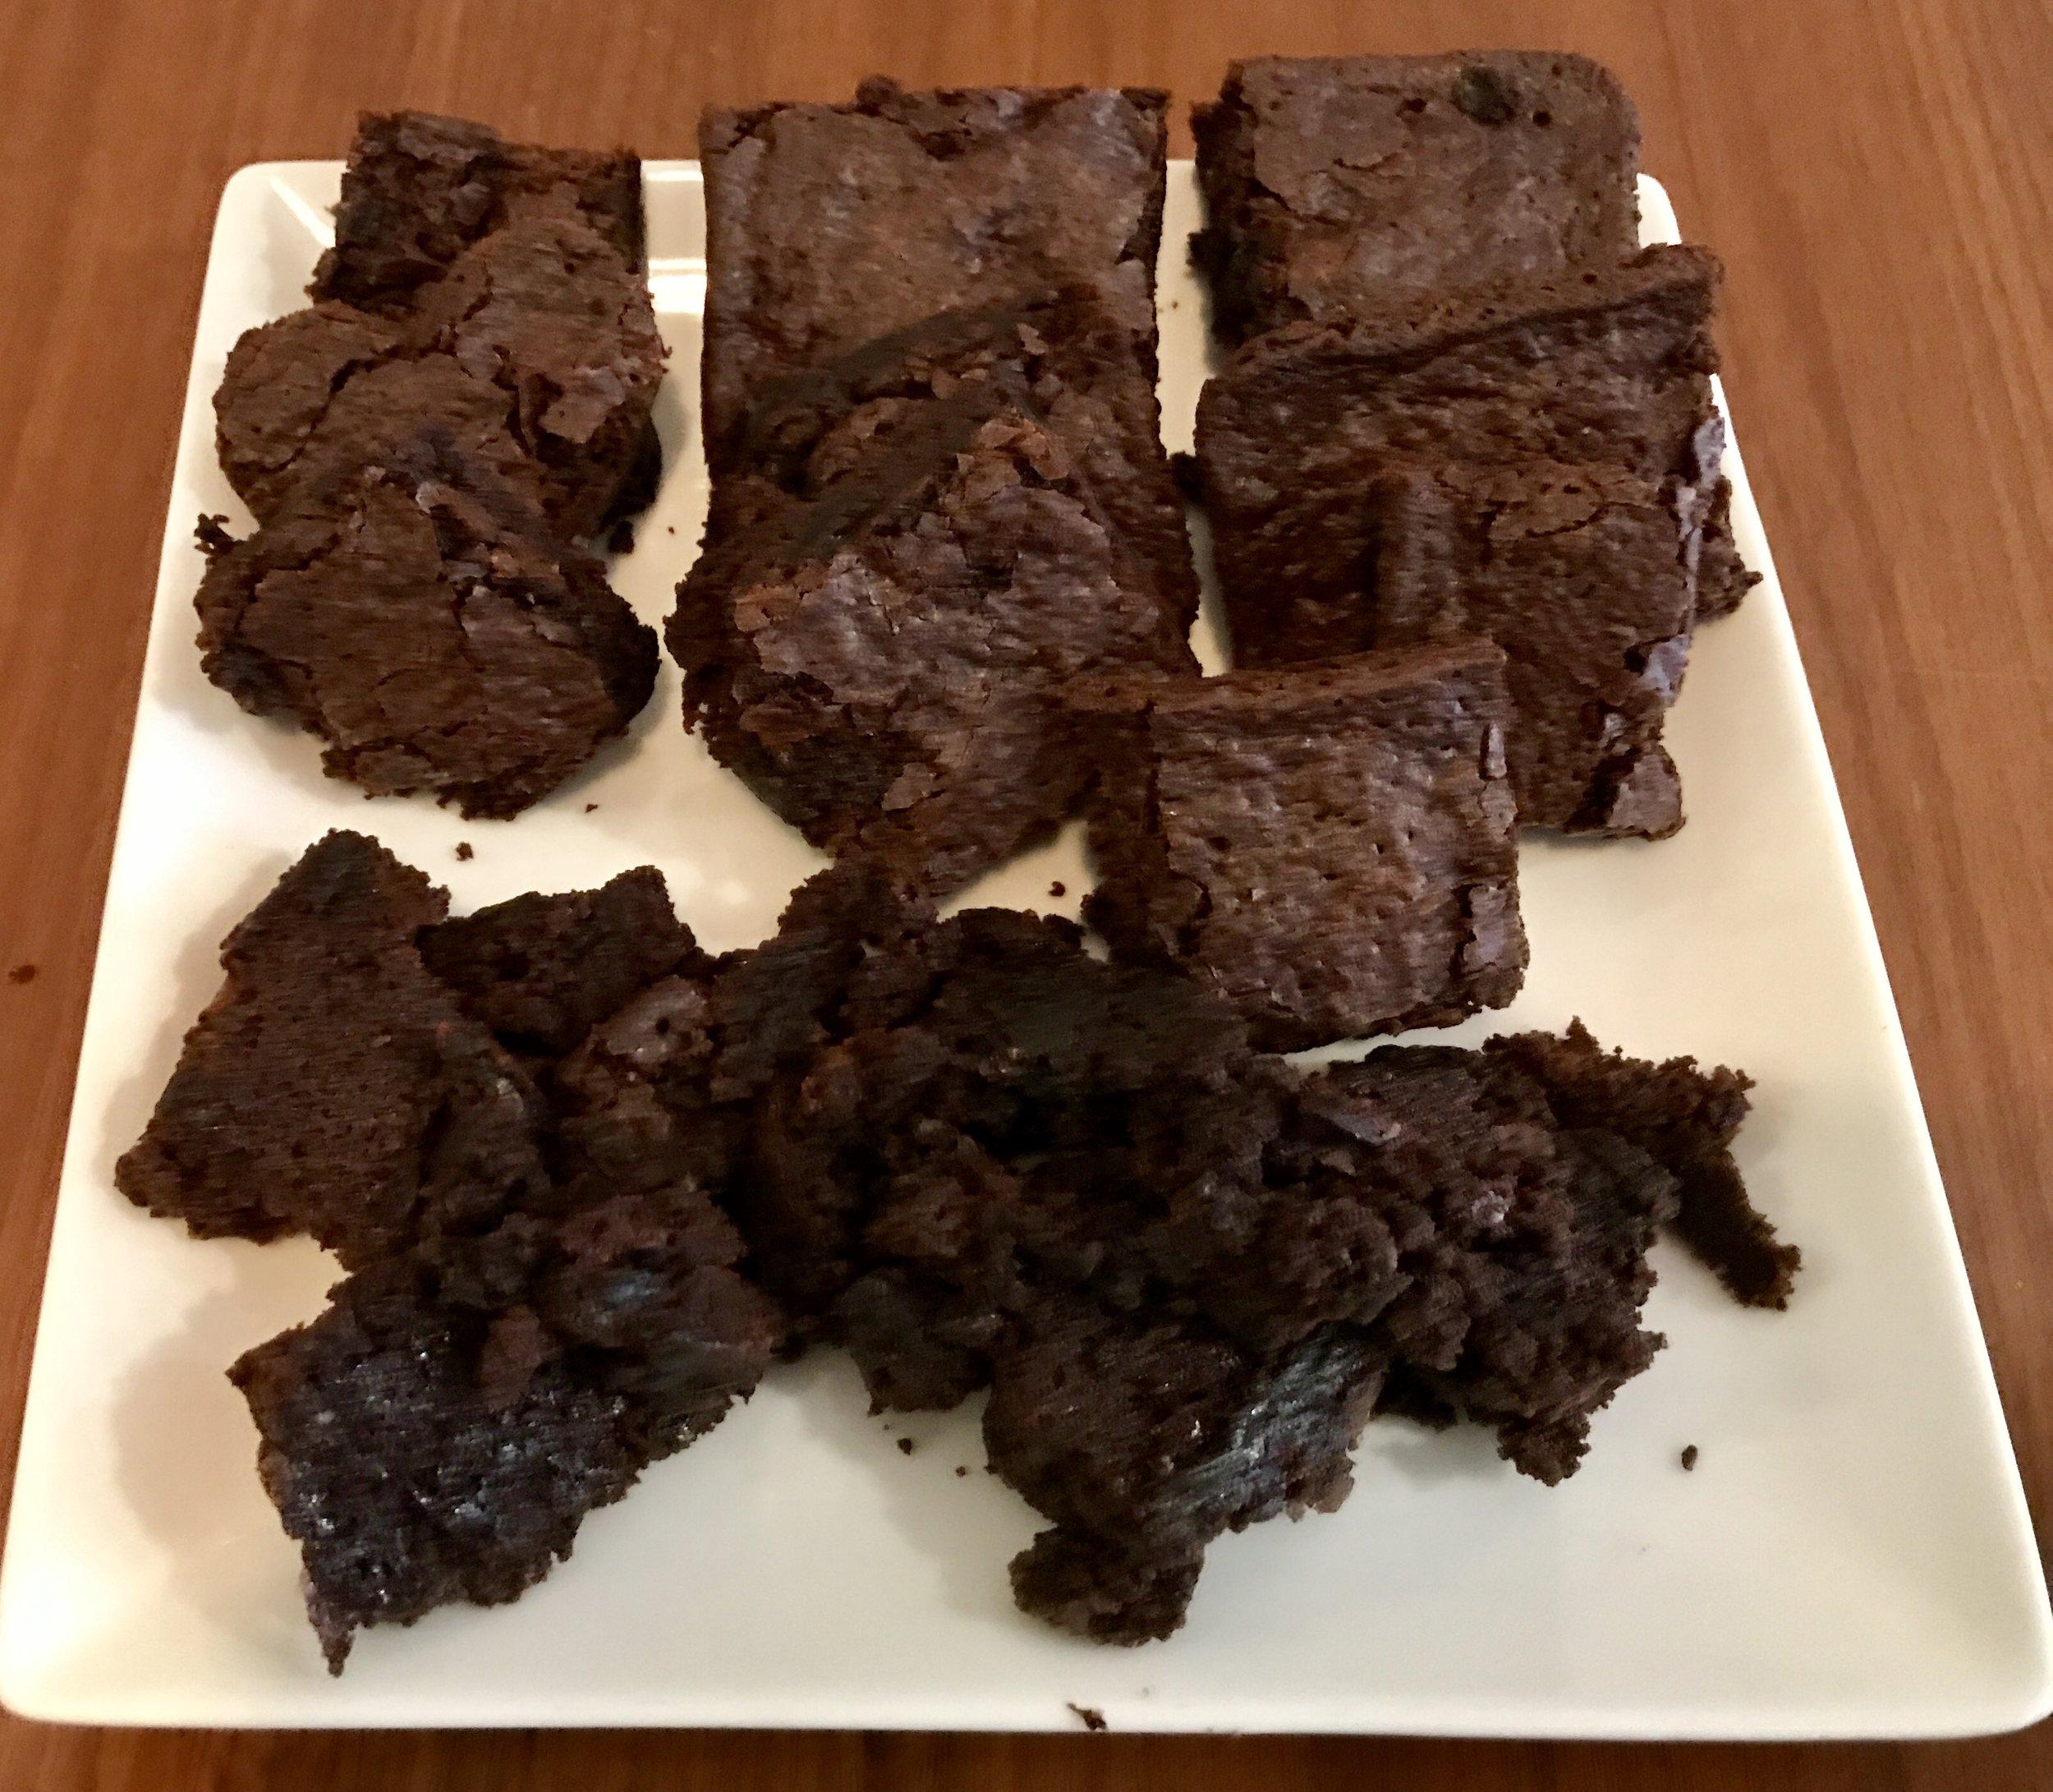 Poop or brownies? You decide.